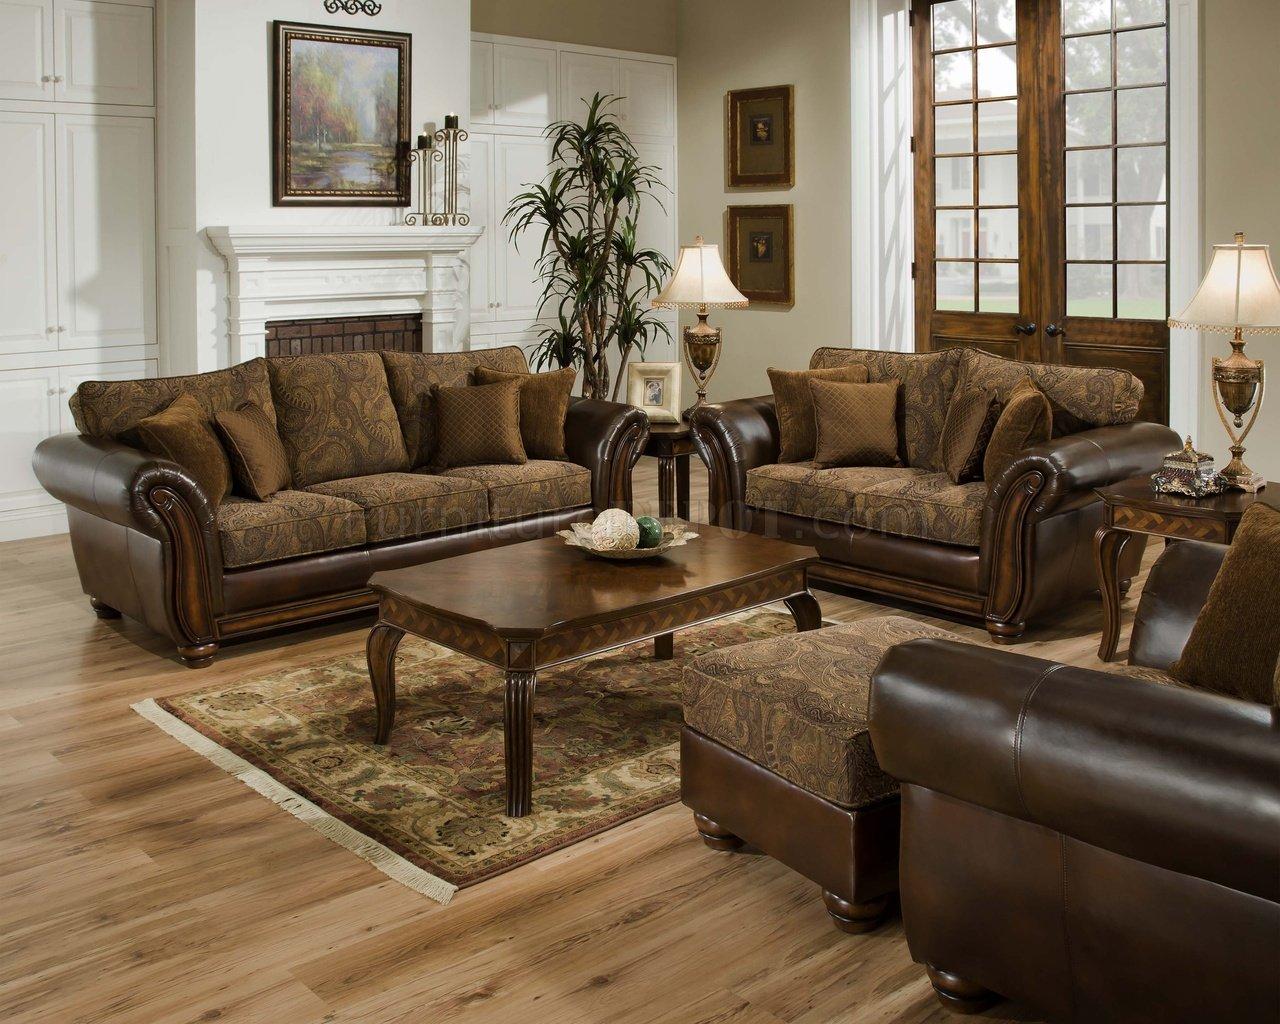 leather and chenille sofa sofas online kaufen schweiz vintage loveseat set w brown bonded base